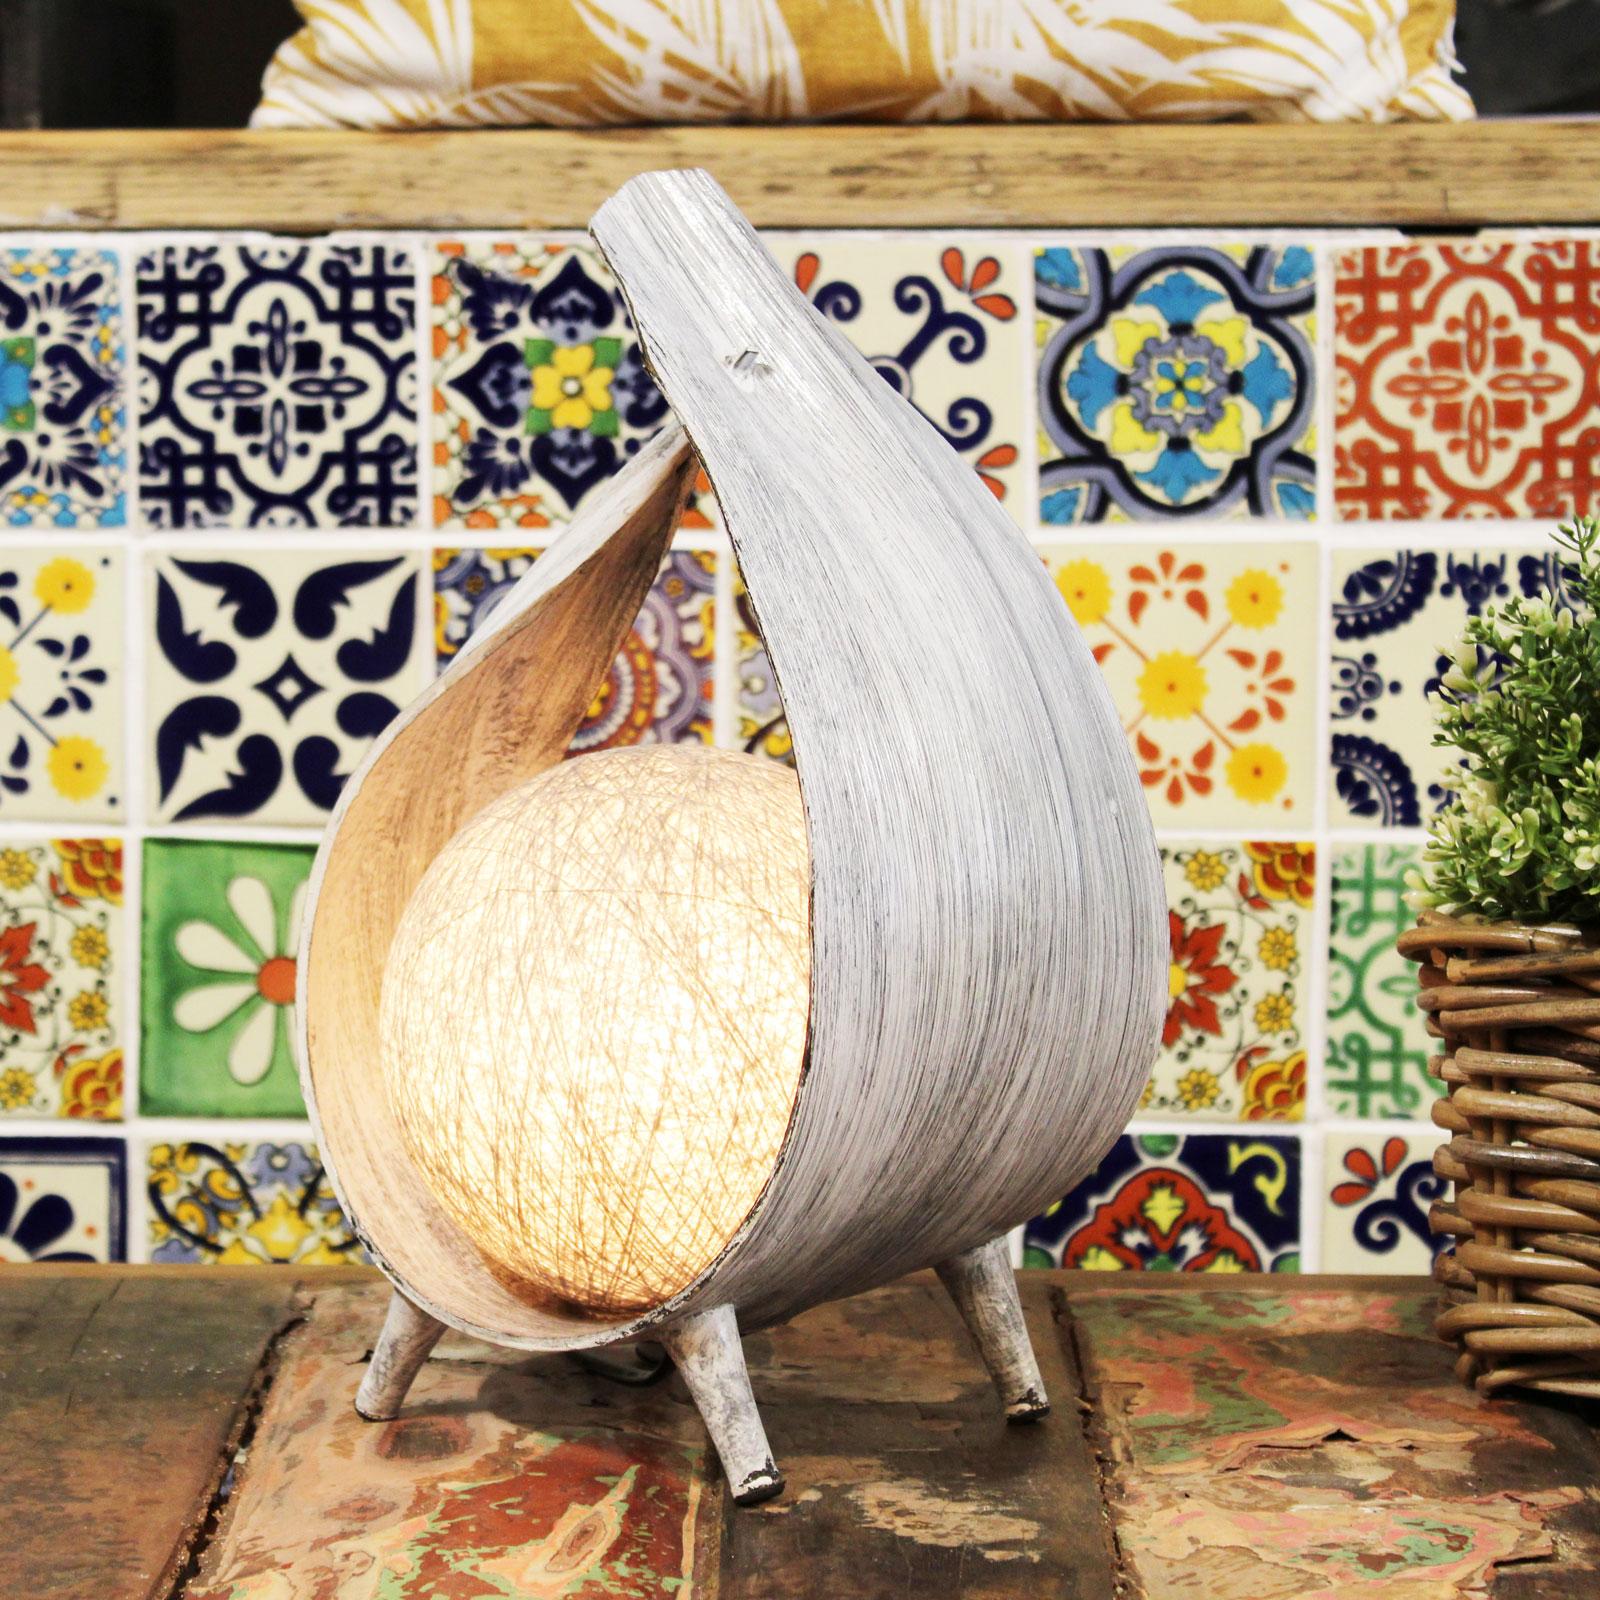 greywash wrapover coconut lamp